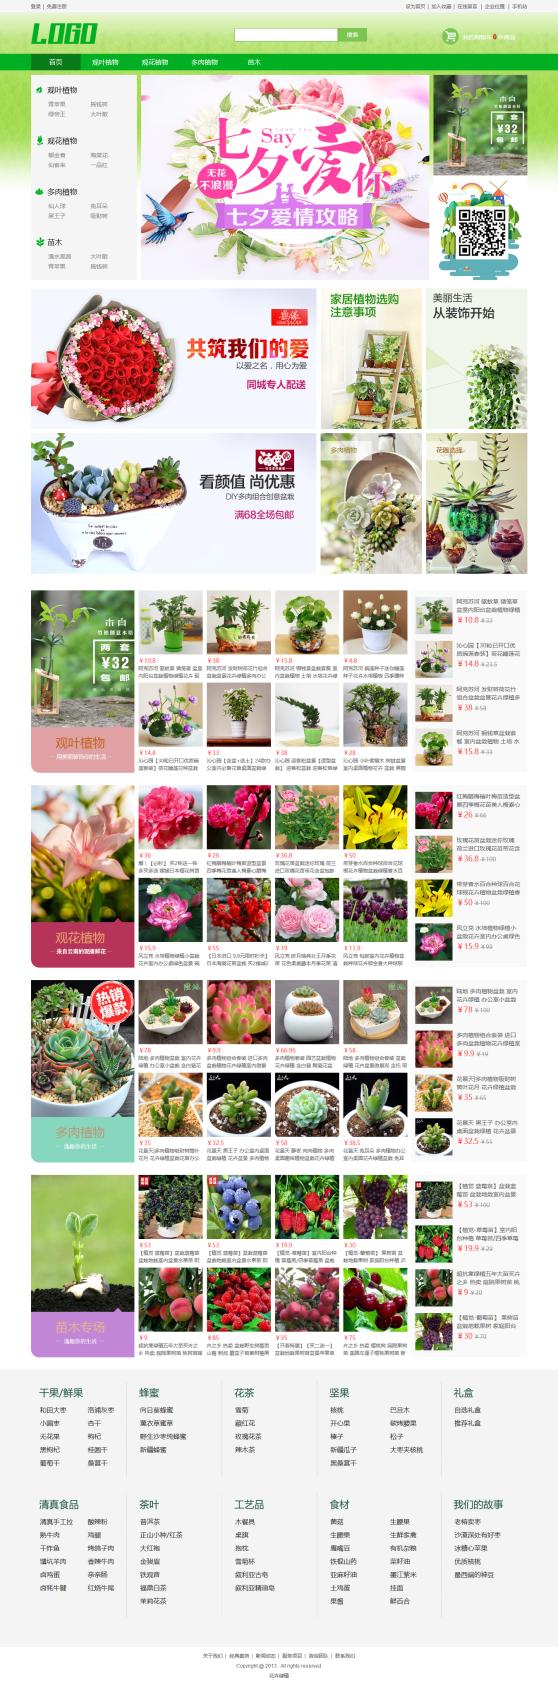 个性花卉绿植商城系统模板